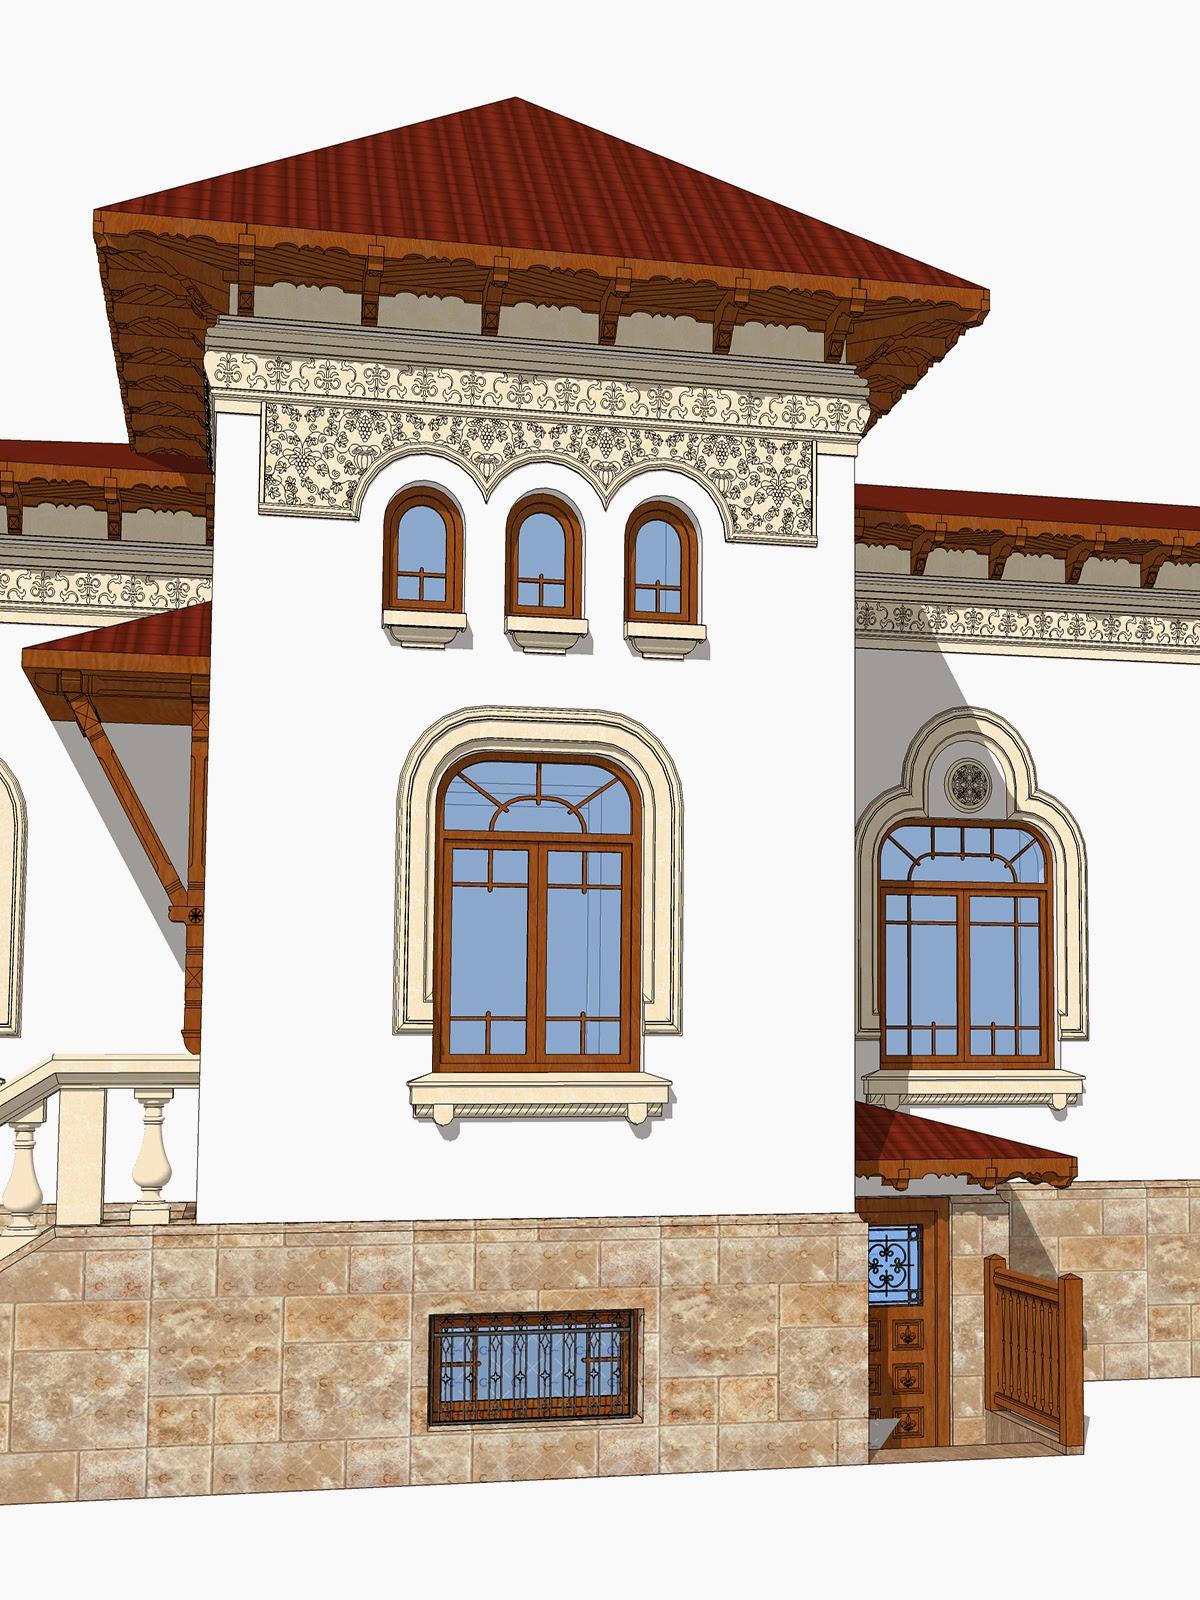 friza neoromaneasca in proiect de fatada casa de arhitect neoromanesc paun